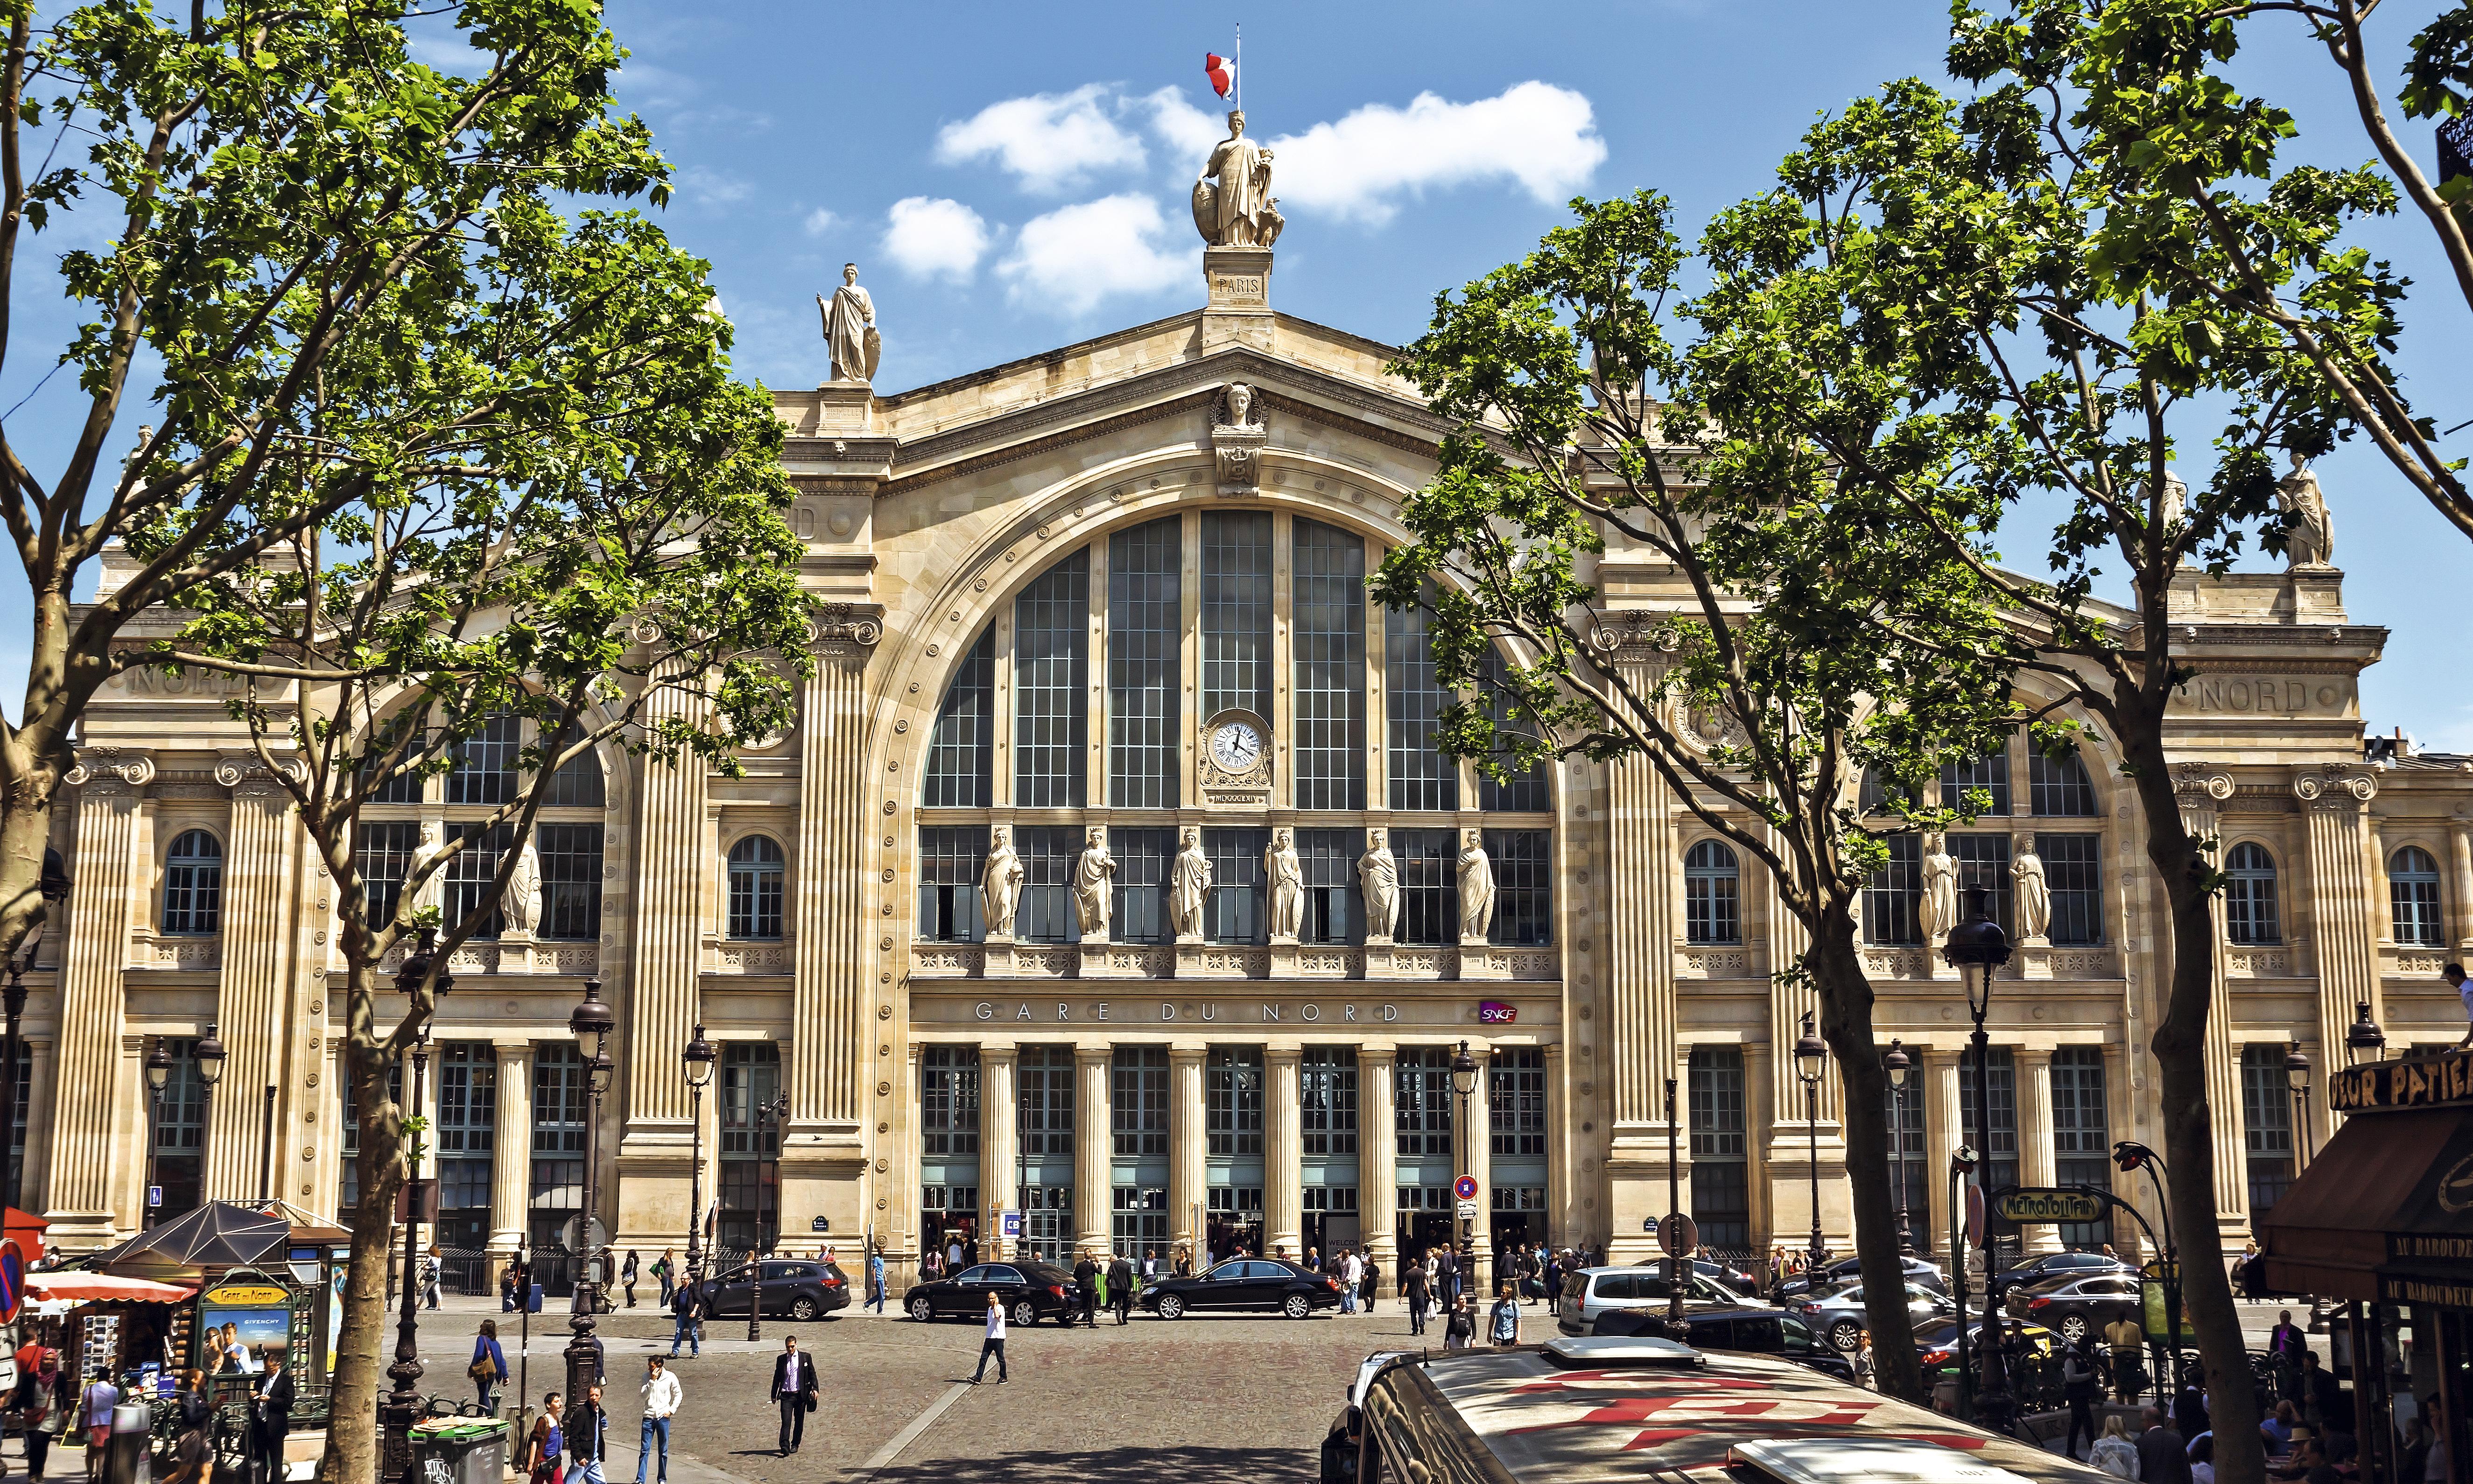 Estação de trem Gare du Nord, em Paris